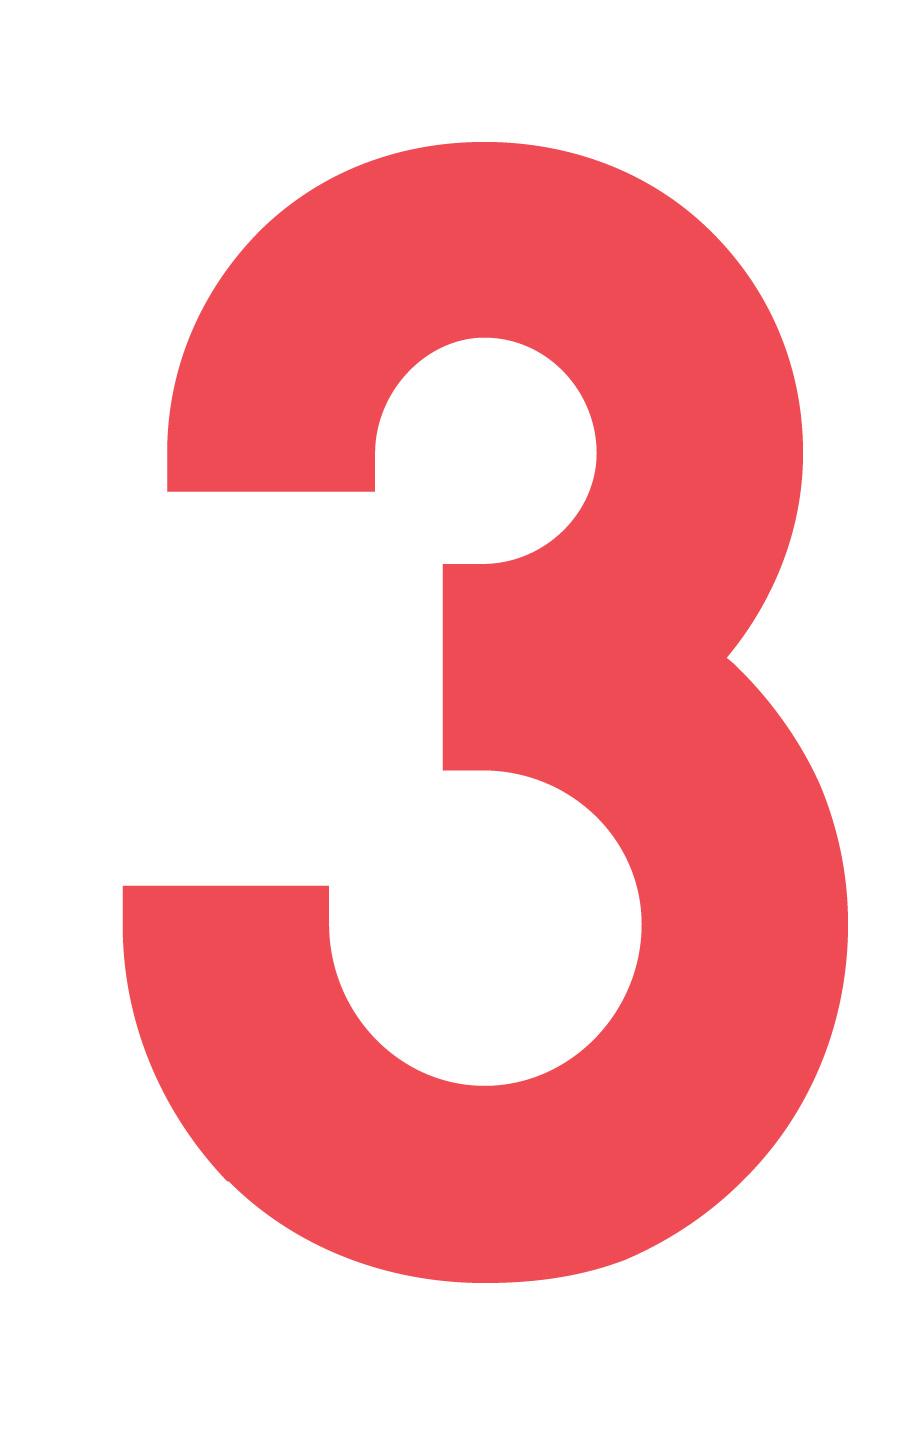 Numbers-03.jpg